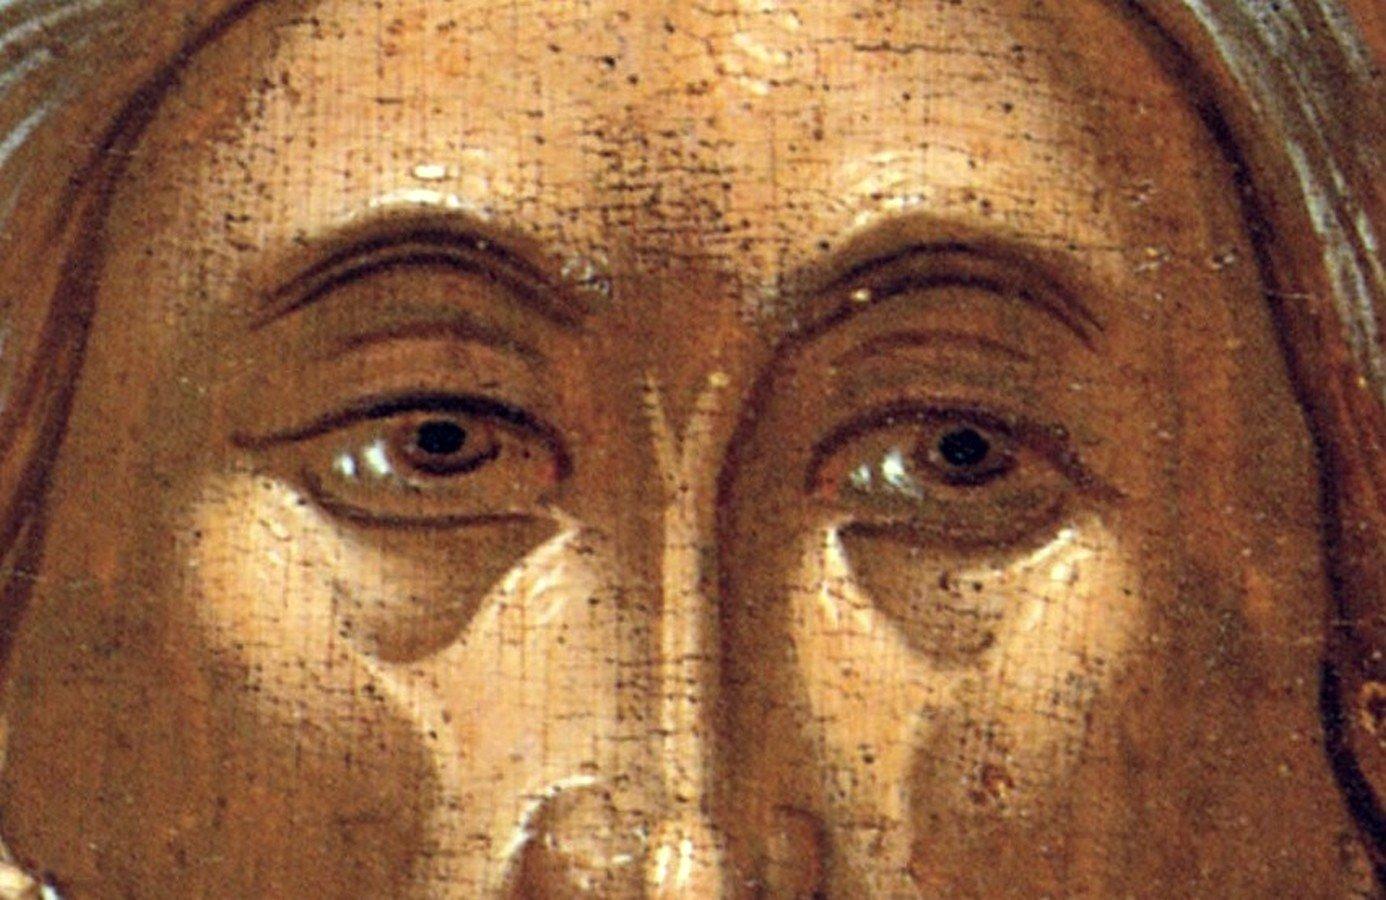 Святой Апостол Андрей Первозванный. Икона. Крит, около 1570 года. Фрагмент.